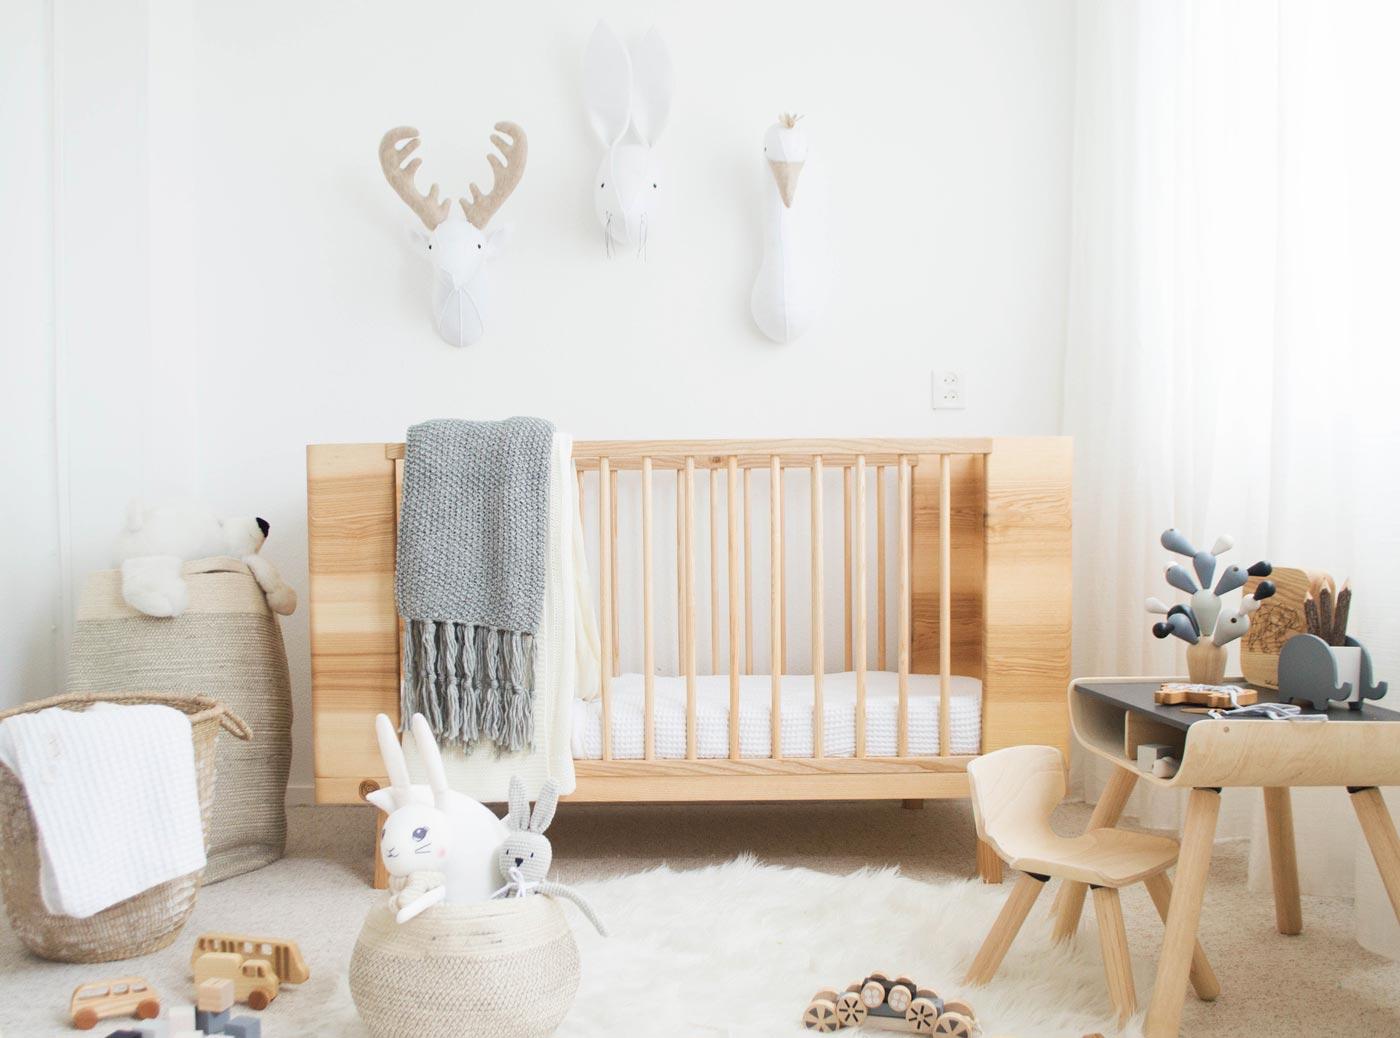 Kinderbett von Fränzchen Klein // HIMBEER